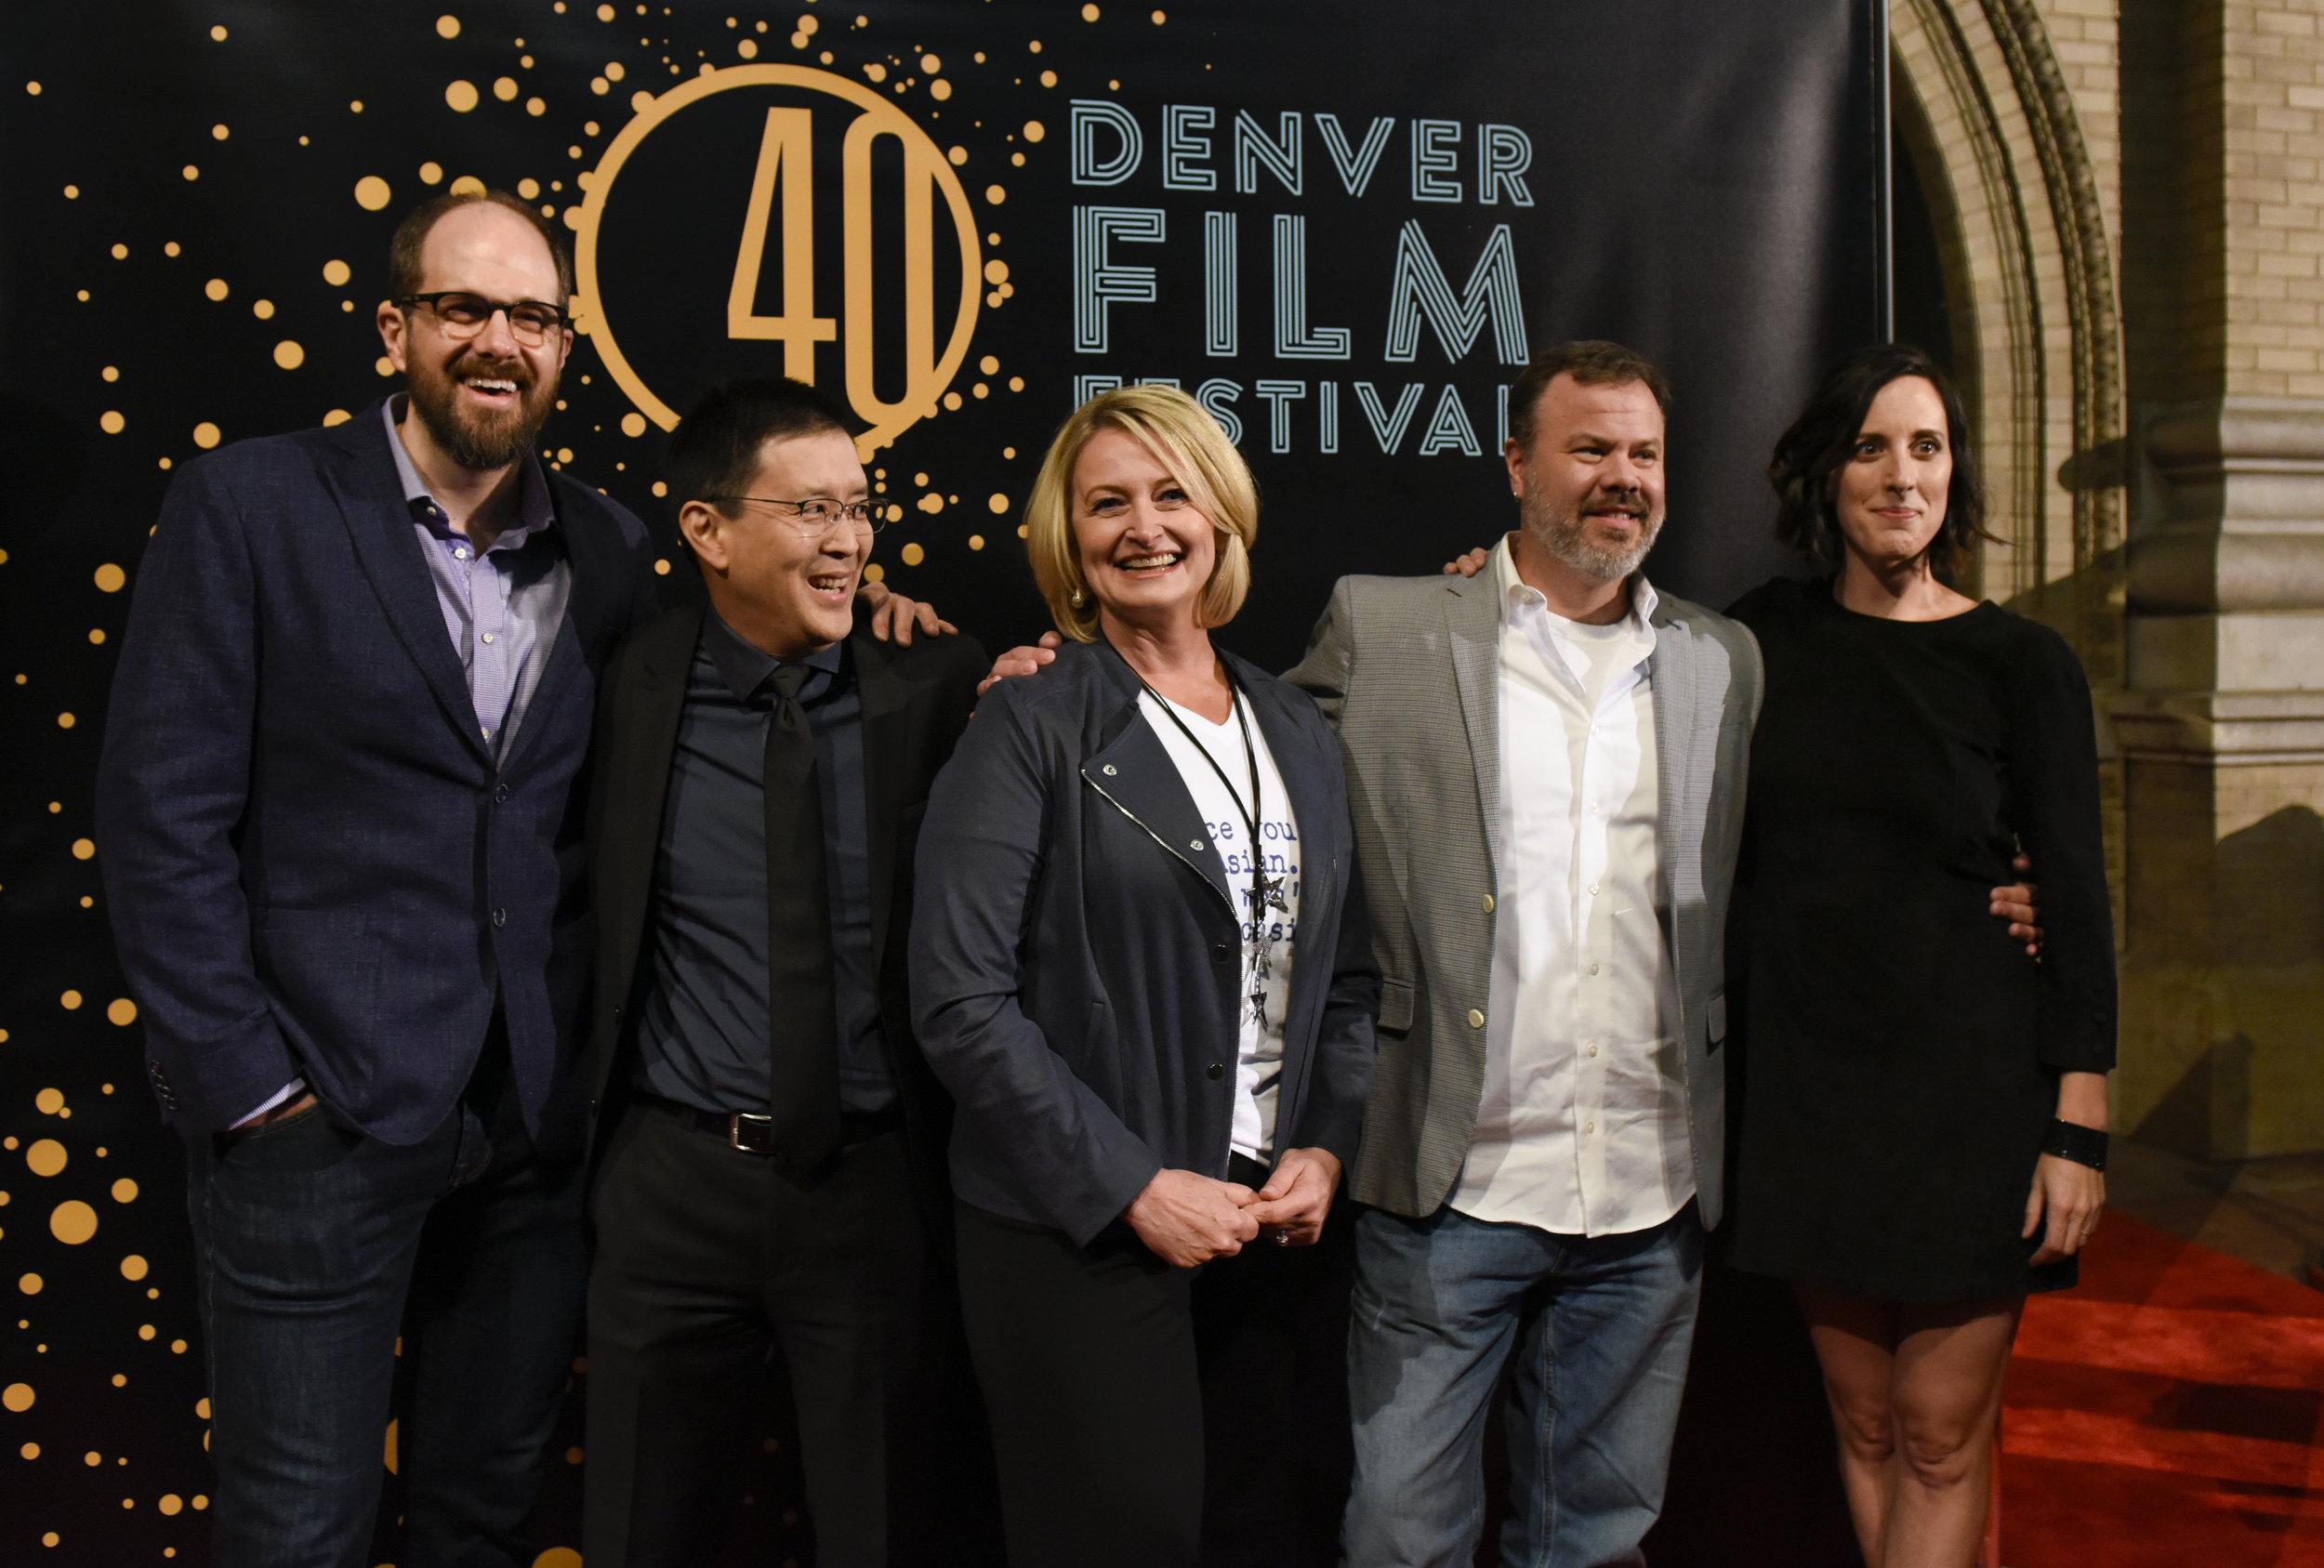 DenverFilmFestRedCarpet___CHM6526.jpg